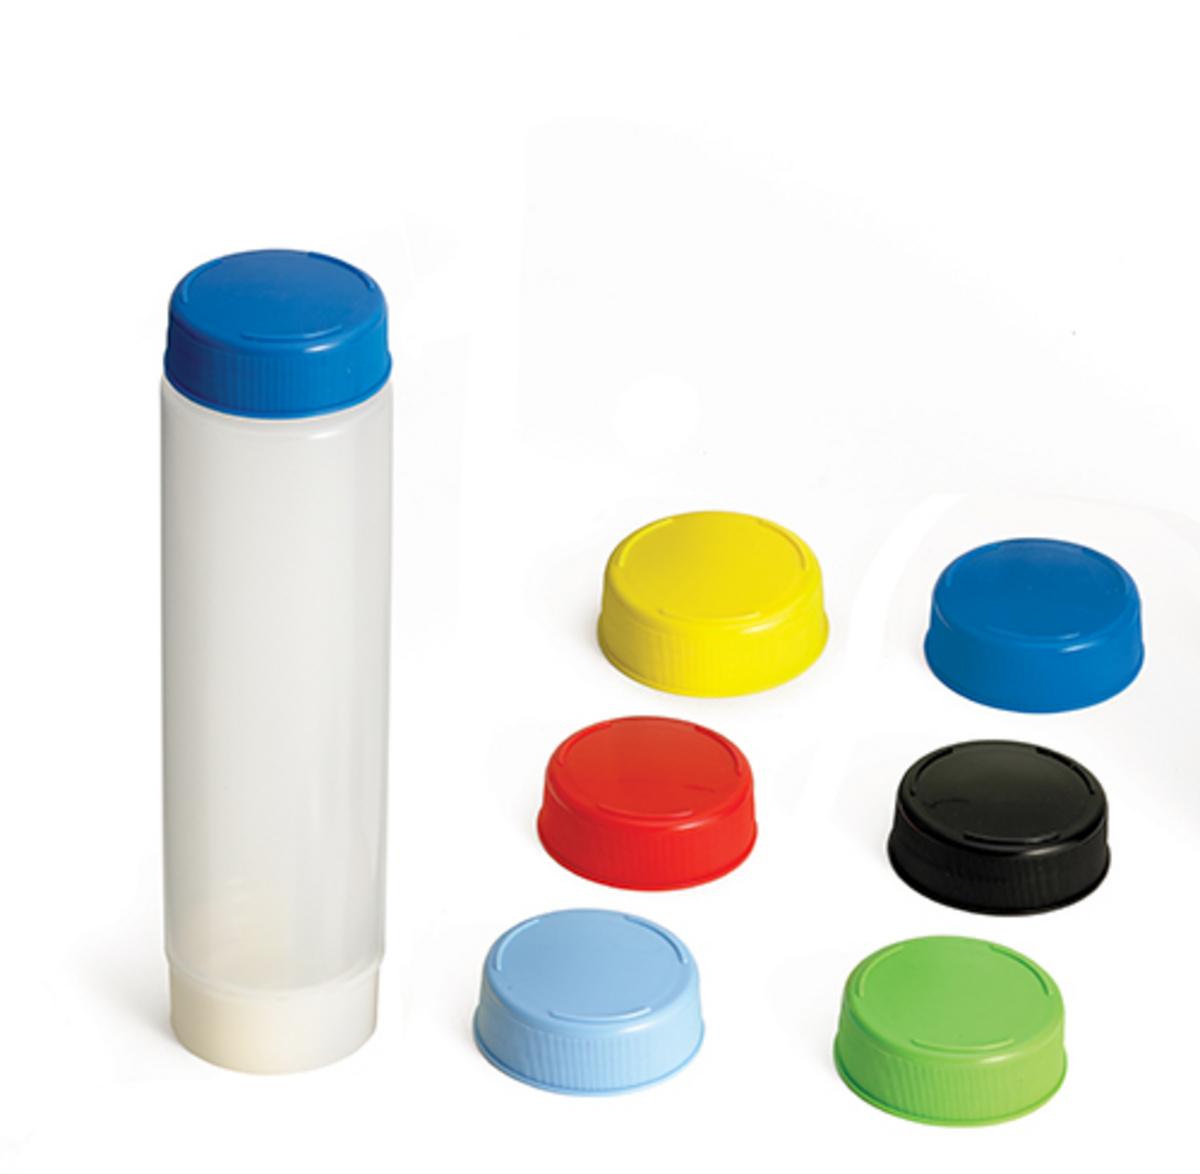 Bouchon rond multicolore plastique Ø 5,57 cm Tablecraft (12 pièces)